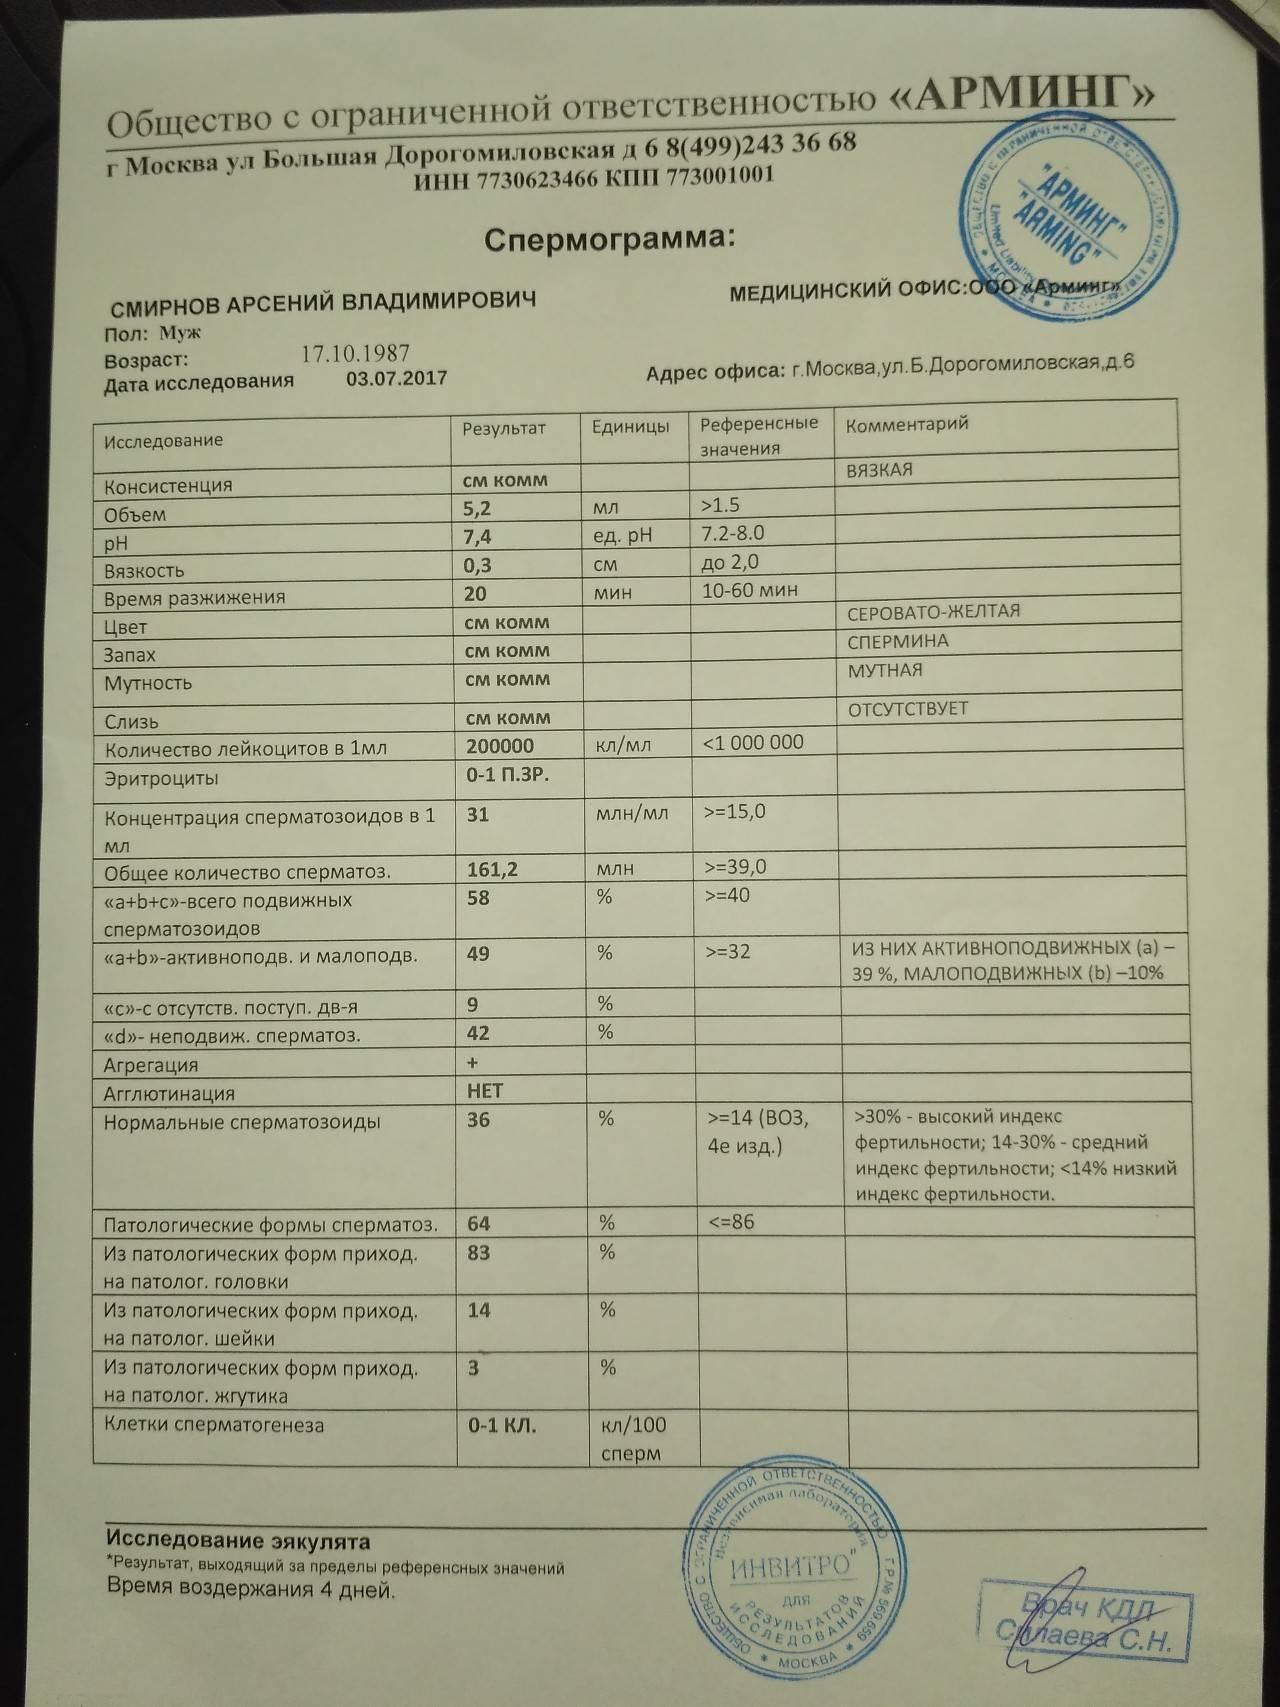 Фрагментация днк сперматозоидов, анализ фрагментации днк сперматозоидов в новосибирске